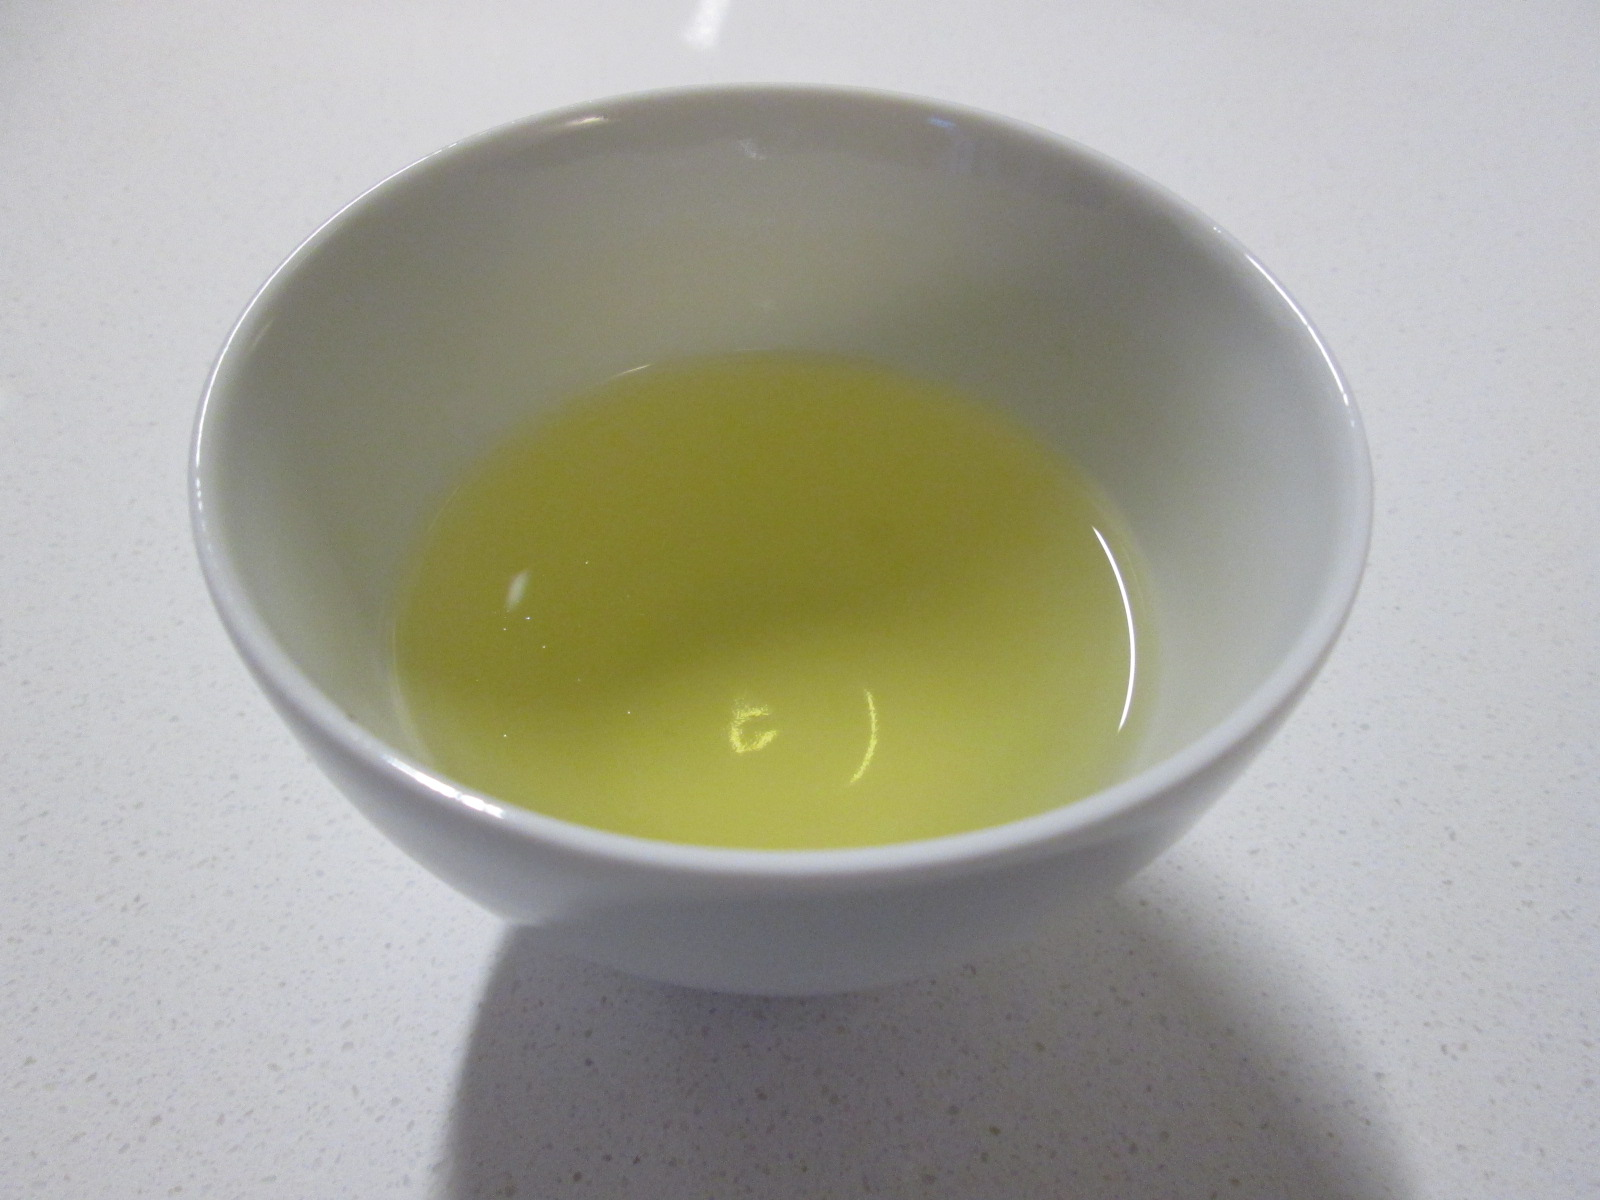 Ice brewed gyokuro